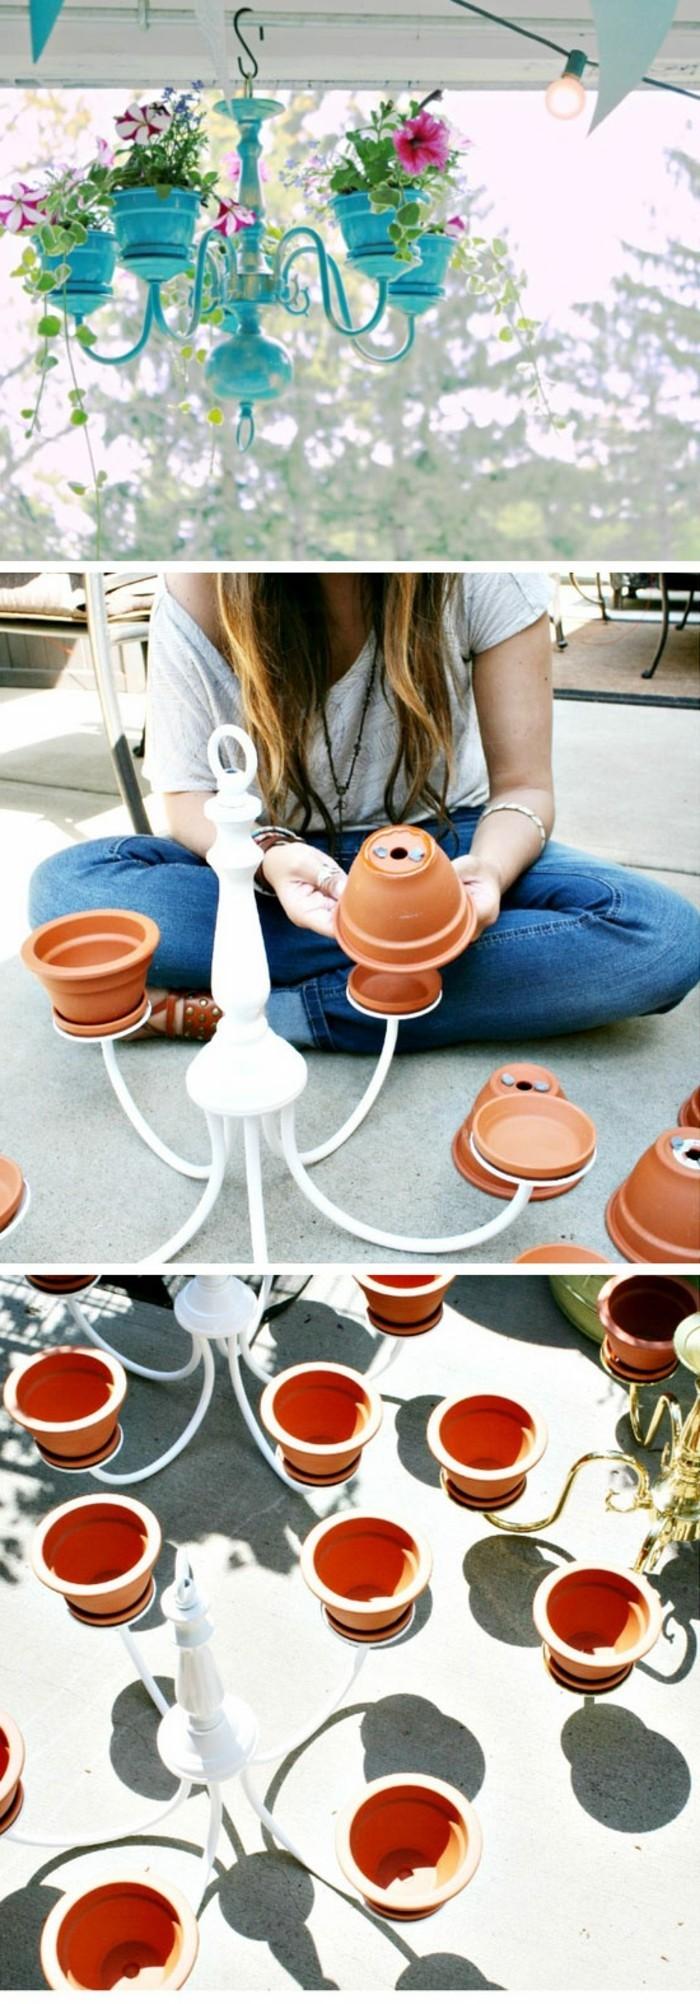 gartendeko selbstgemacht ideen wie sie einen ausgefallenen pflanzenbehälter aus leuchter machen